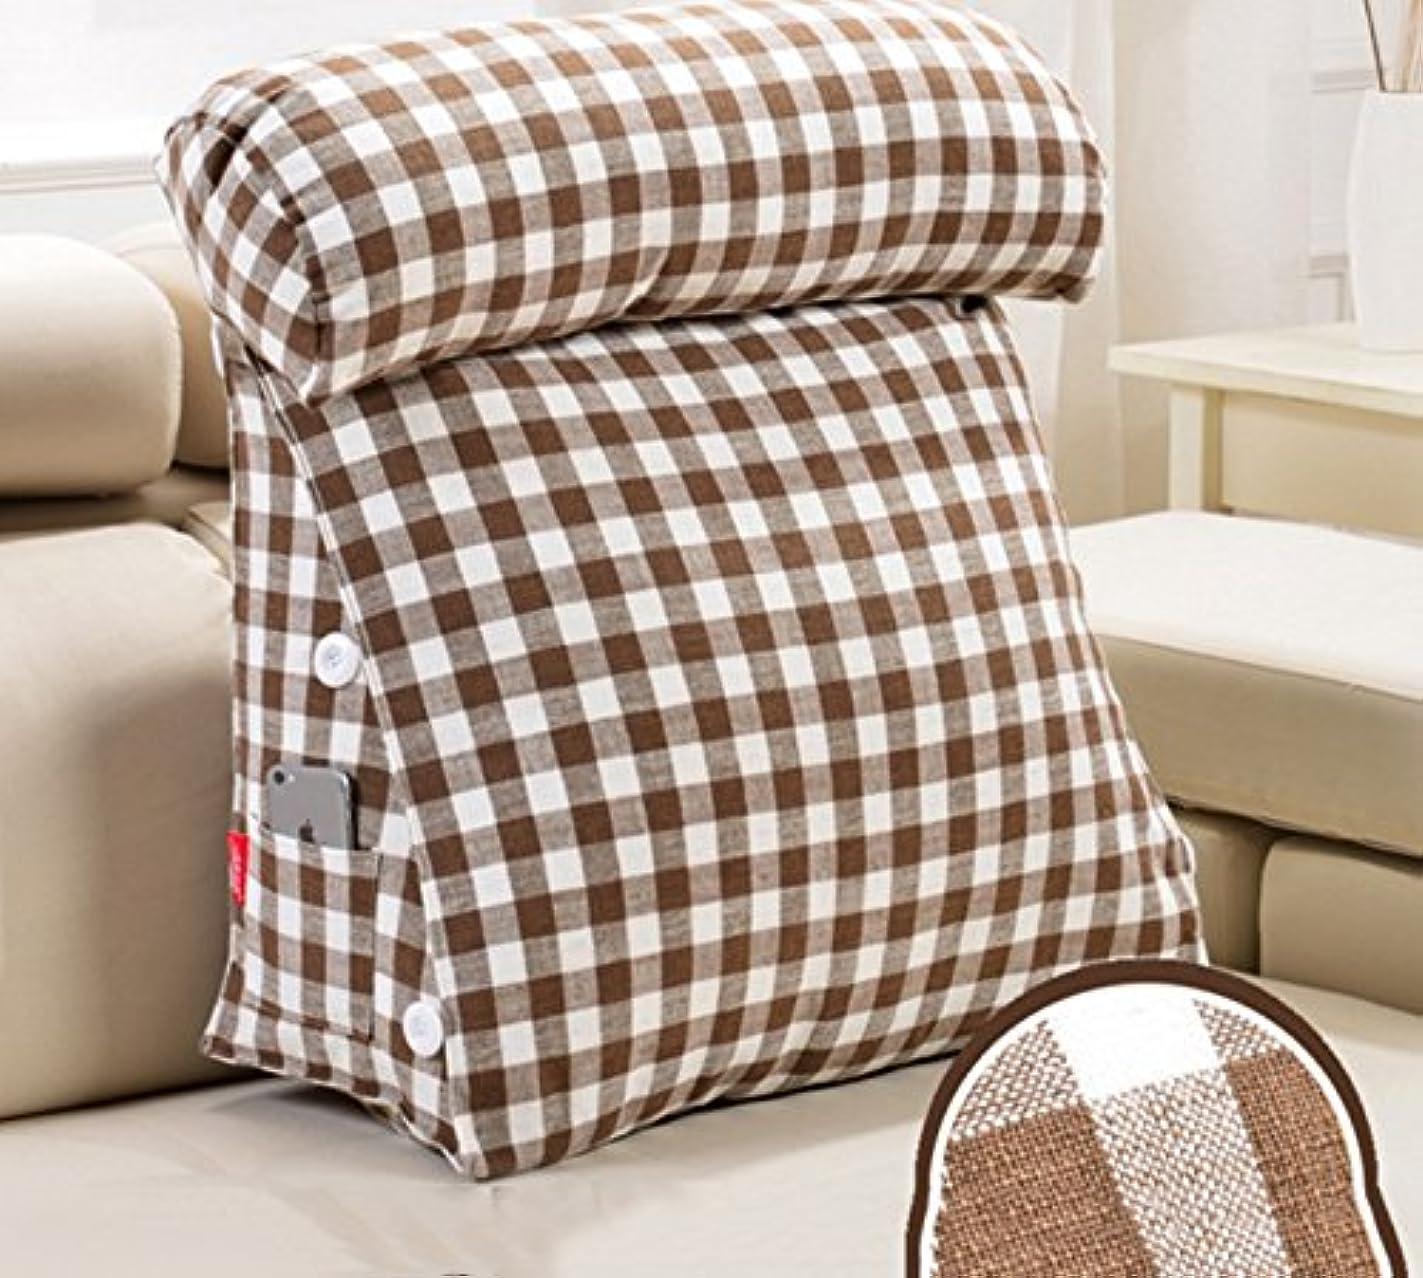 ヒョウ作り遺伝的日本の綿とリネントライアングルヘッドビッグバック看護首のクッションオフィスソファ枕クッション(サイズ:60 * 20 * 50CM) ( 色 : # 2 )